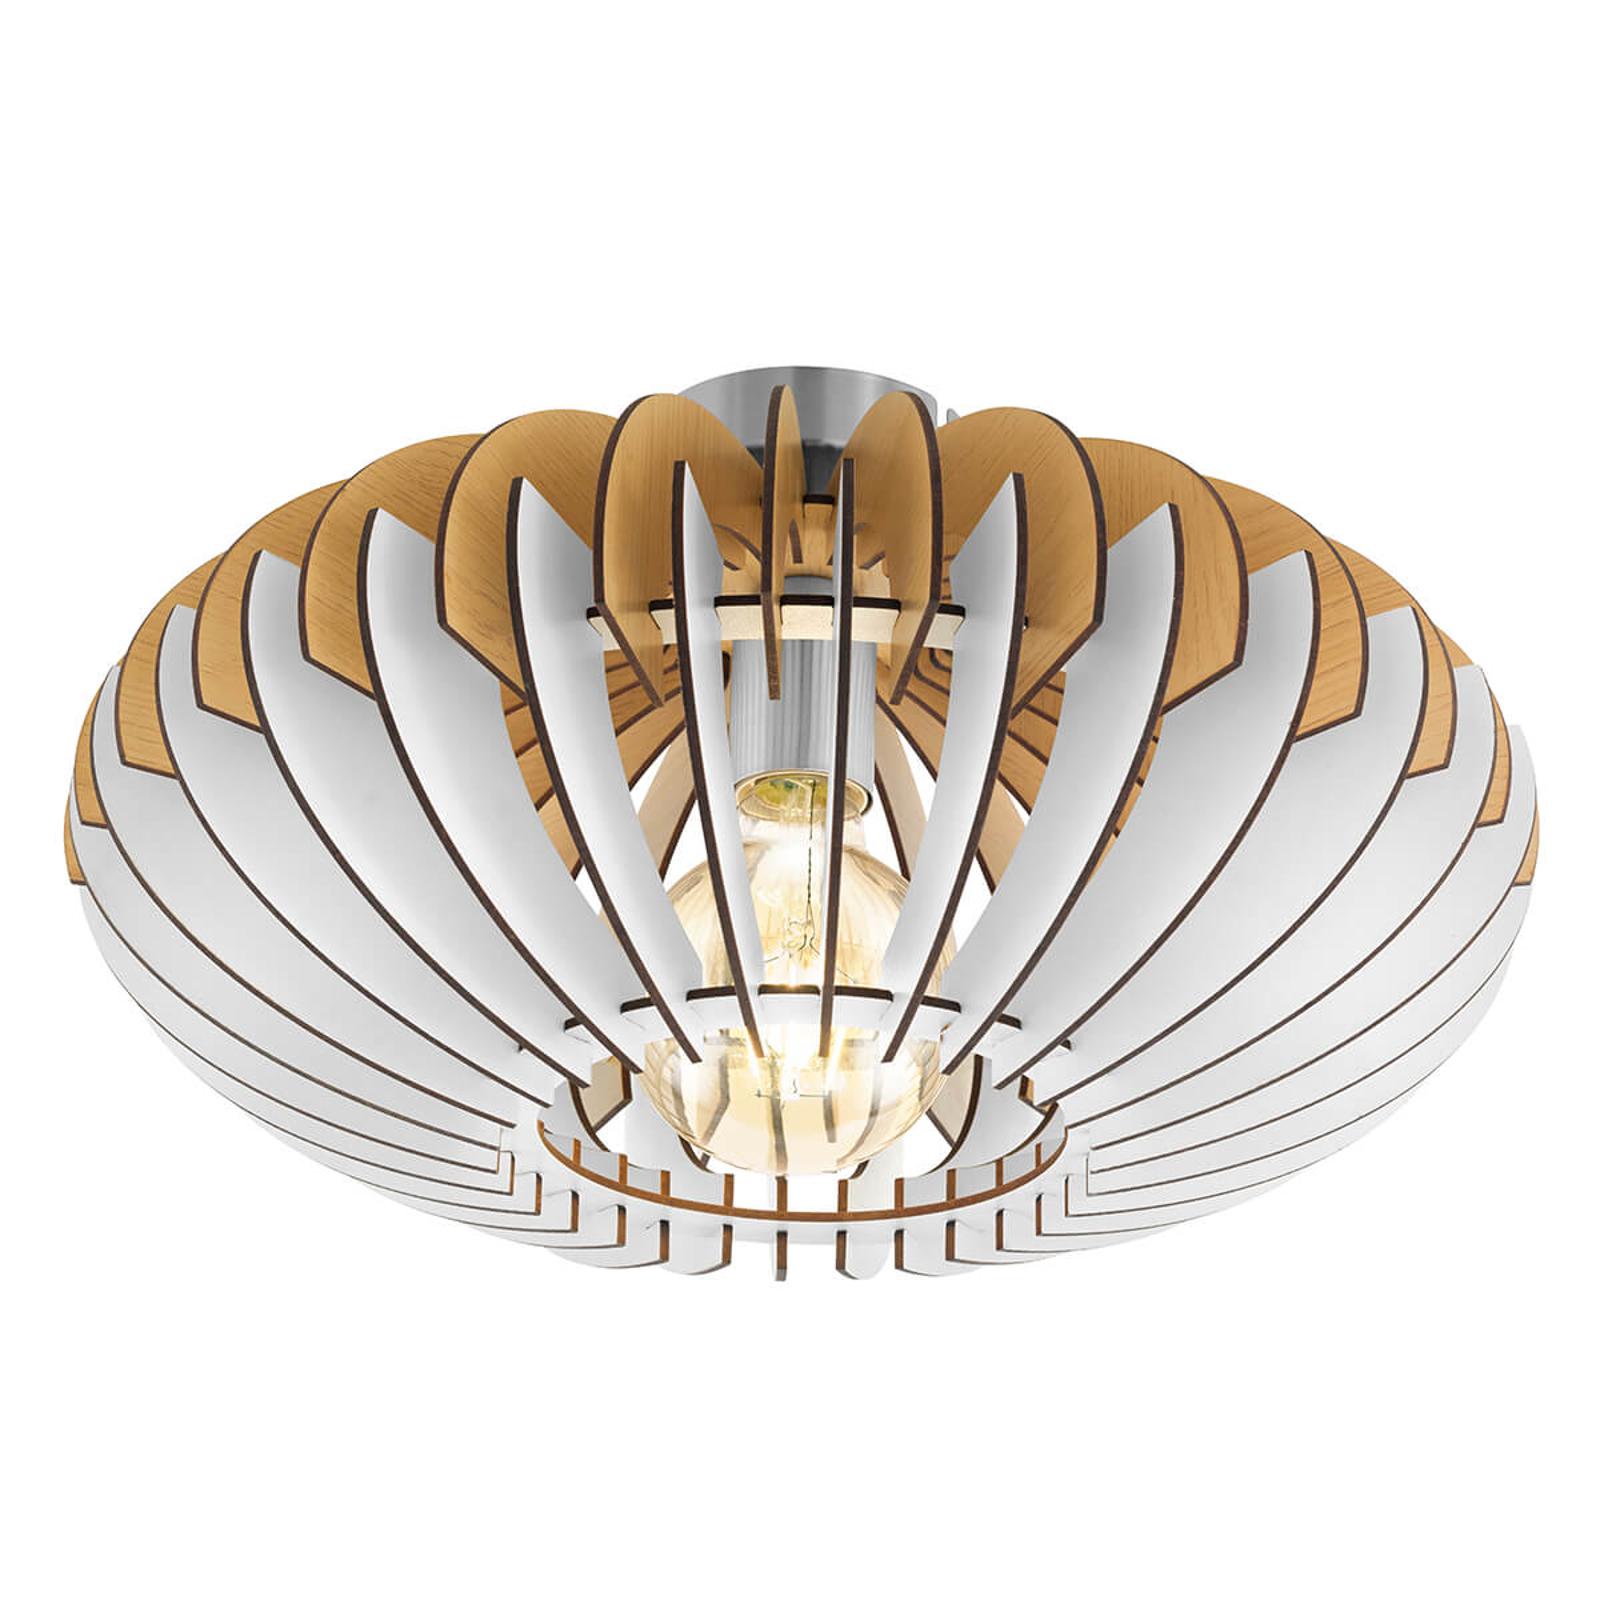 Sotos - en taklampe med skandinavisk preg